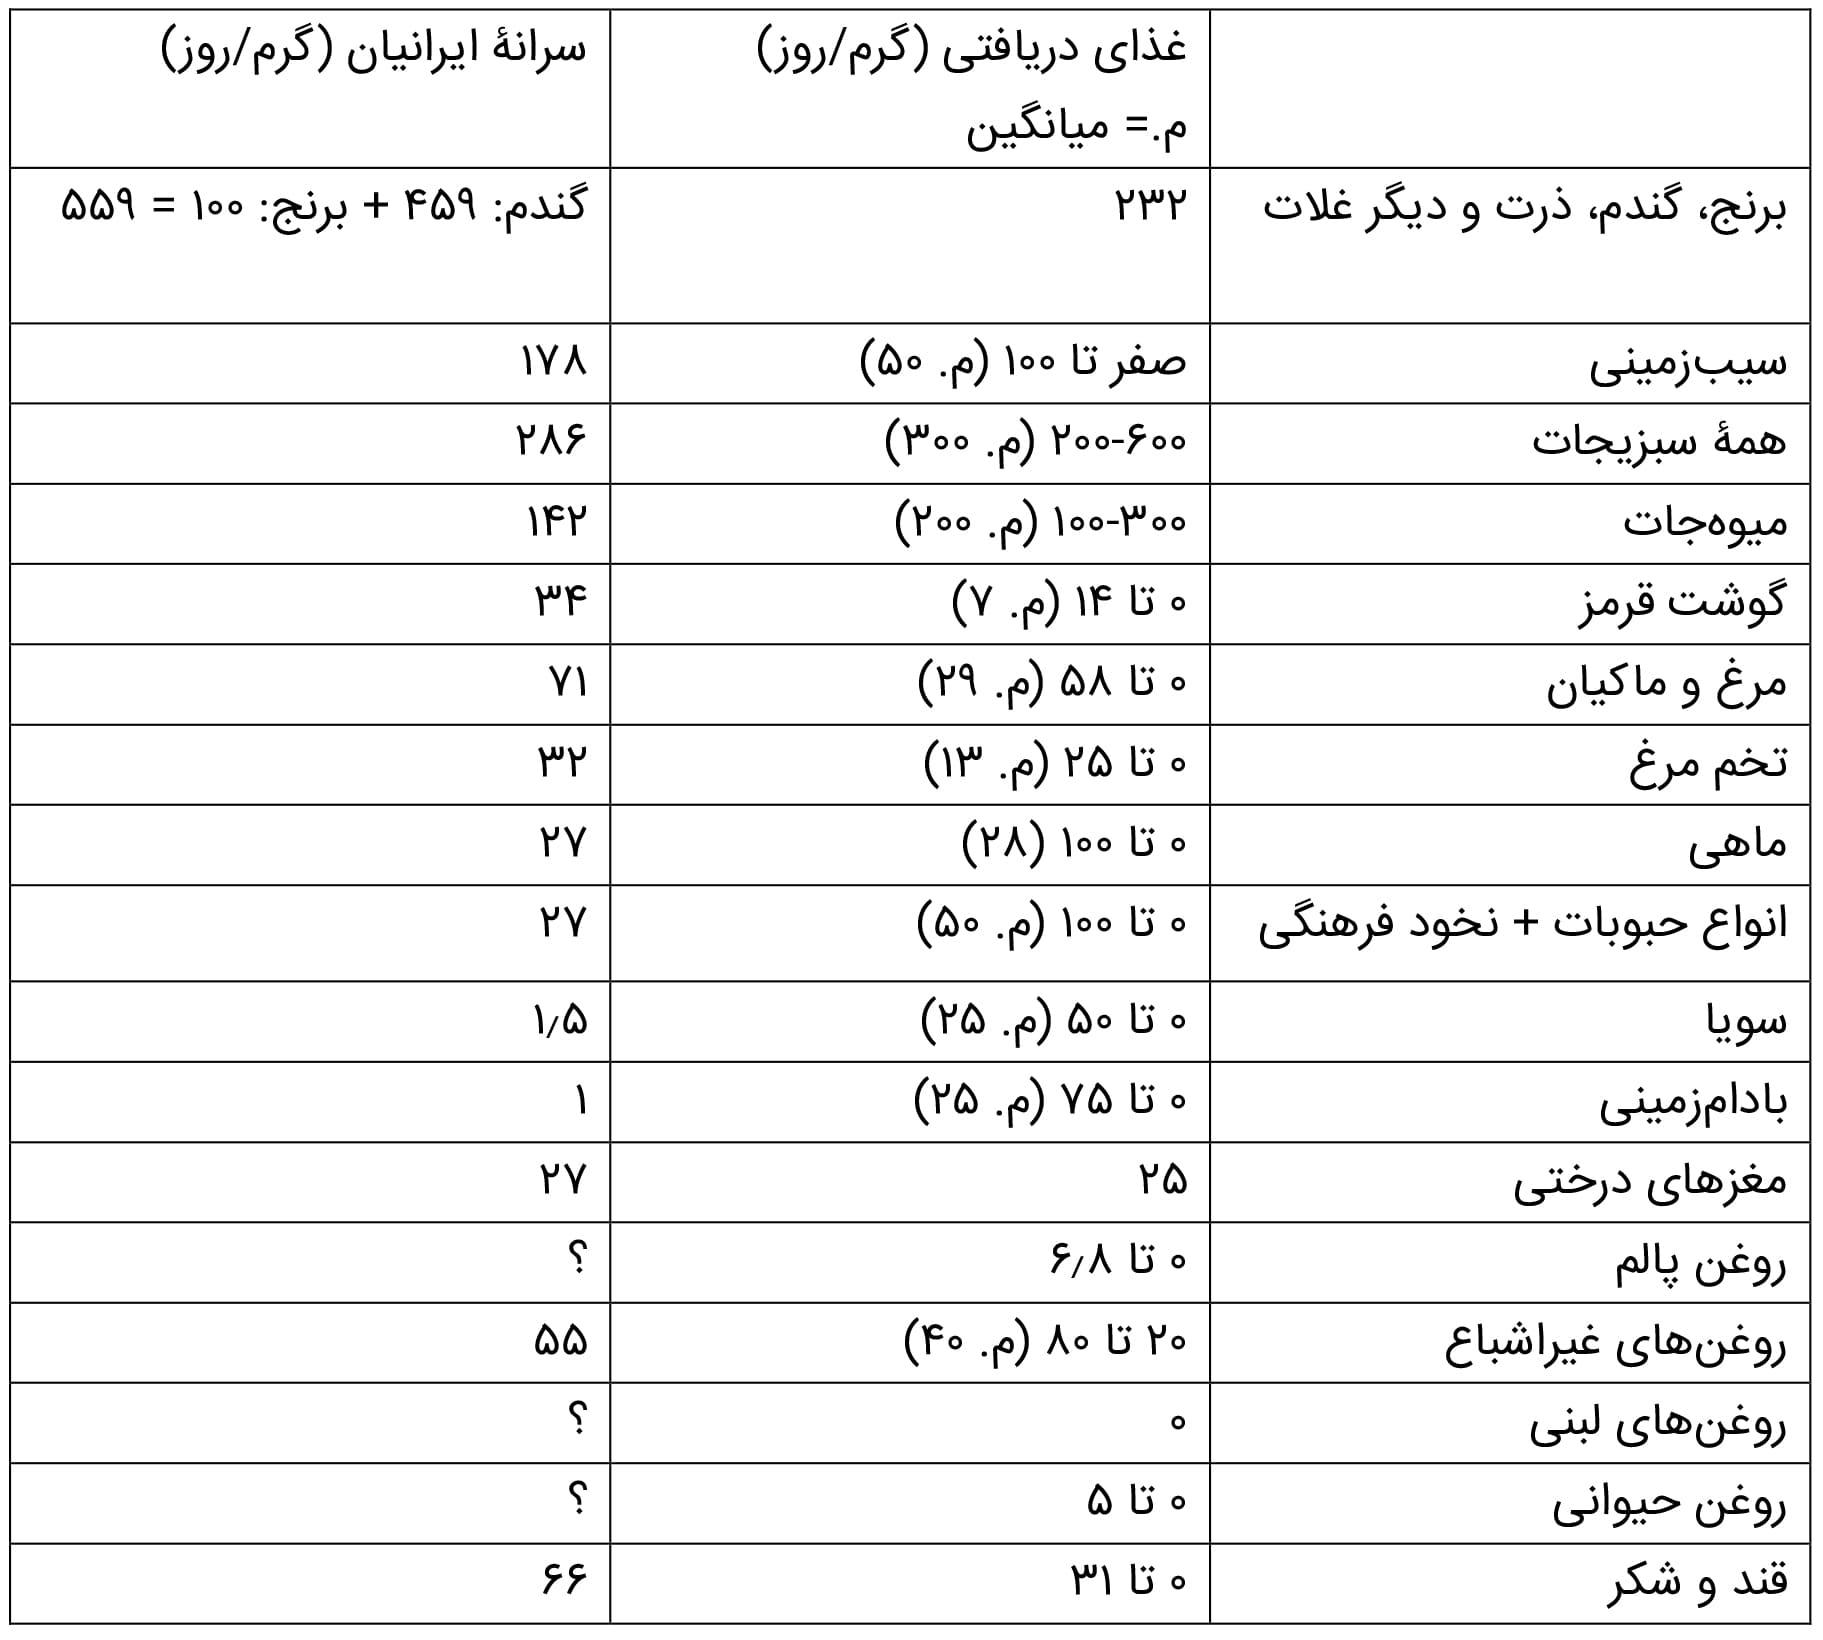 جدول رژیم غذایی مرجع (لنست) در مقایسه با رژیم فعلی ایرانیان